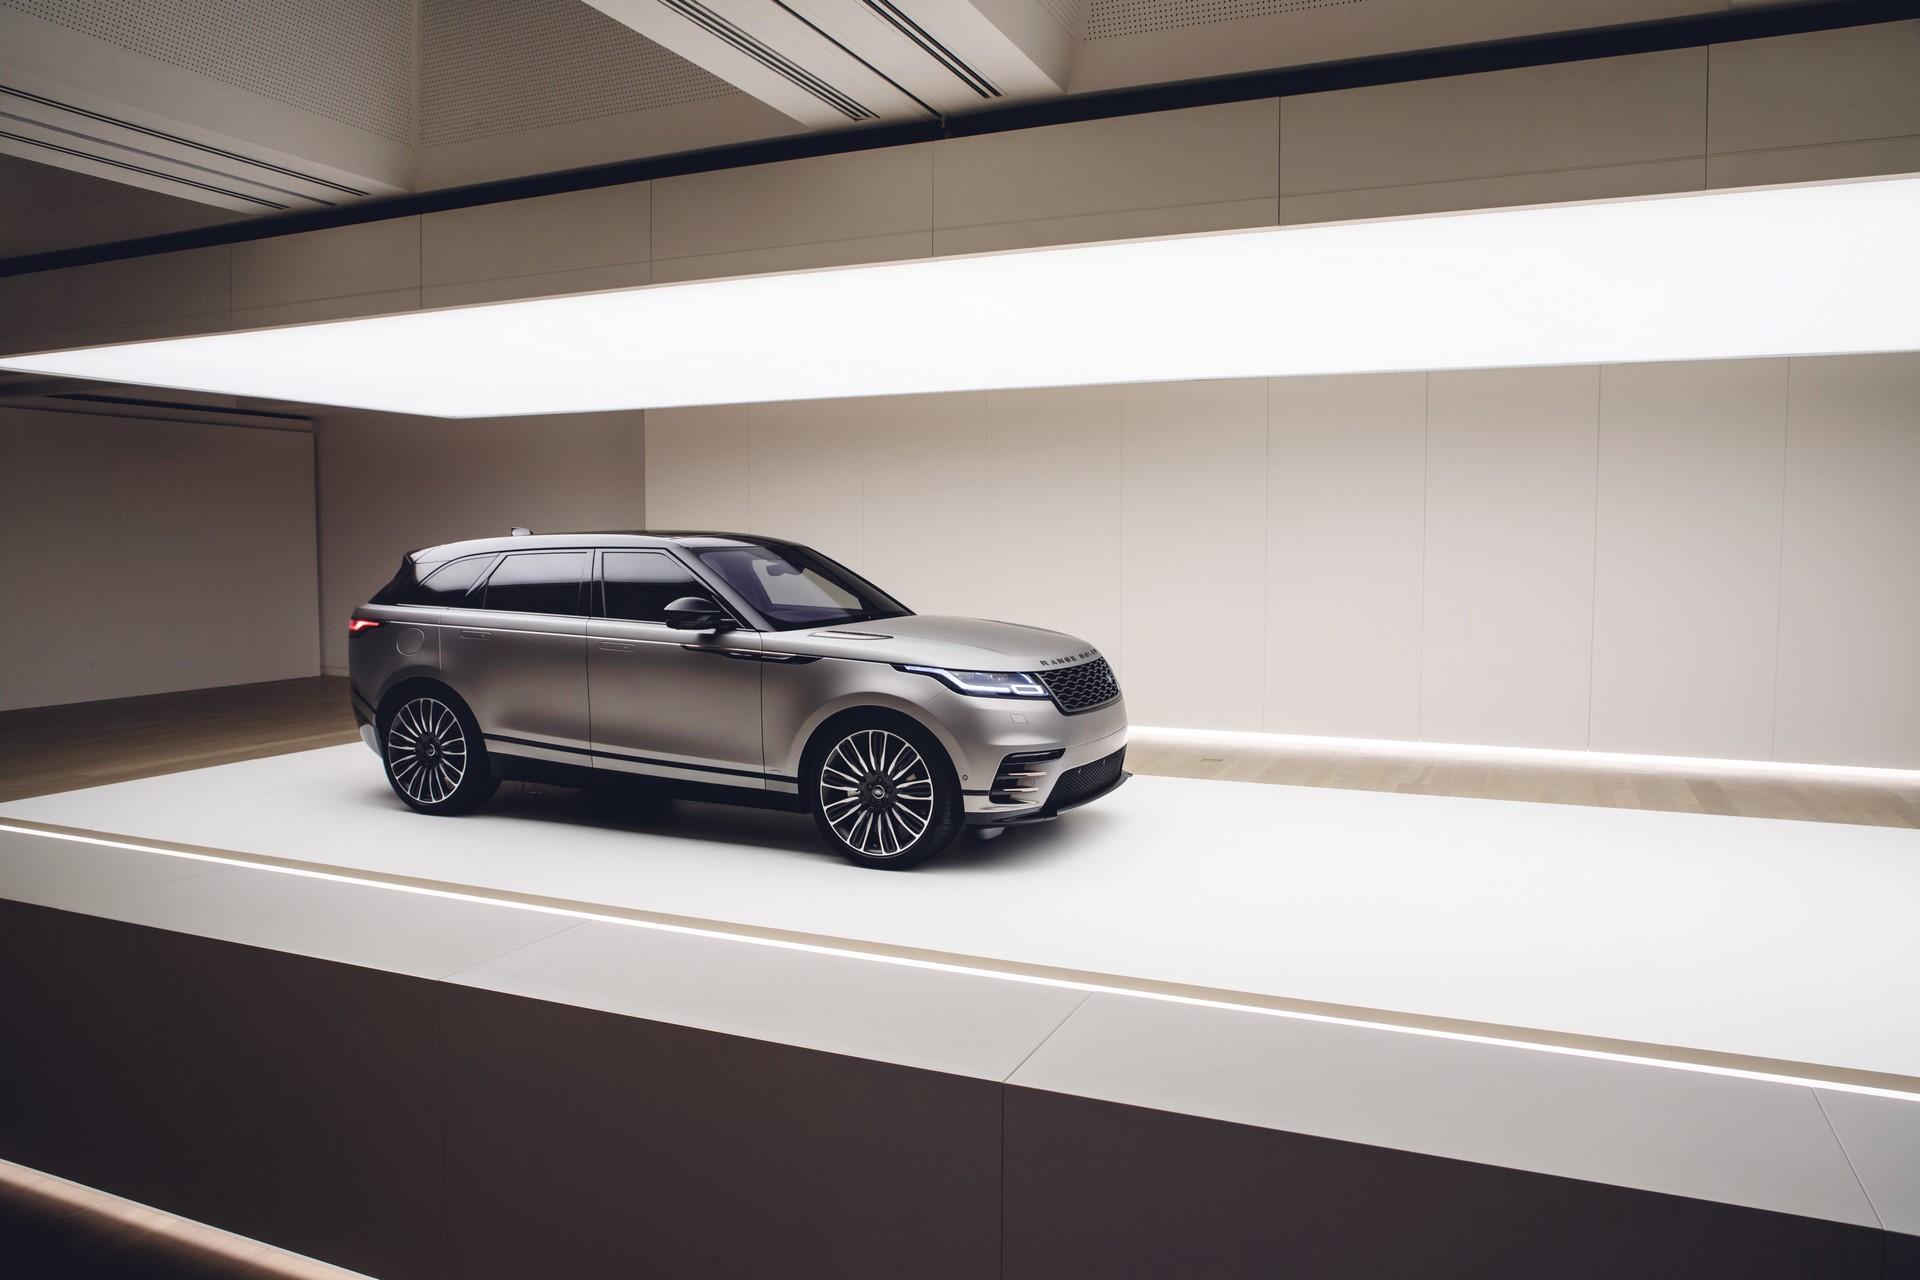 Range Rover Velar 2017 (103)